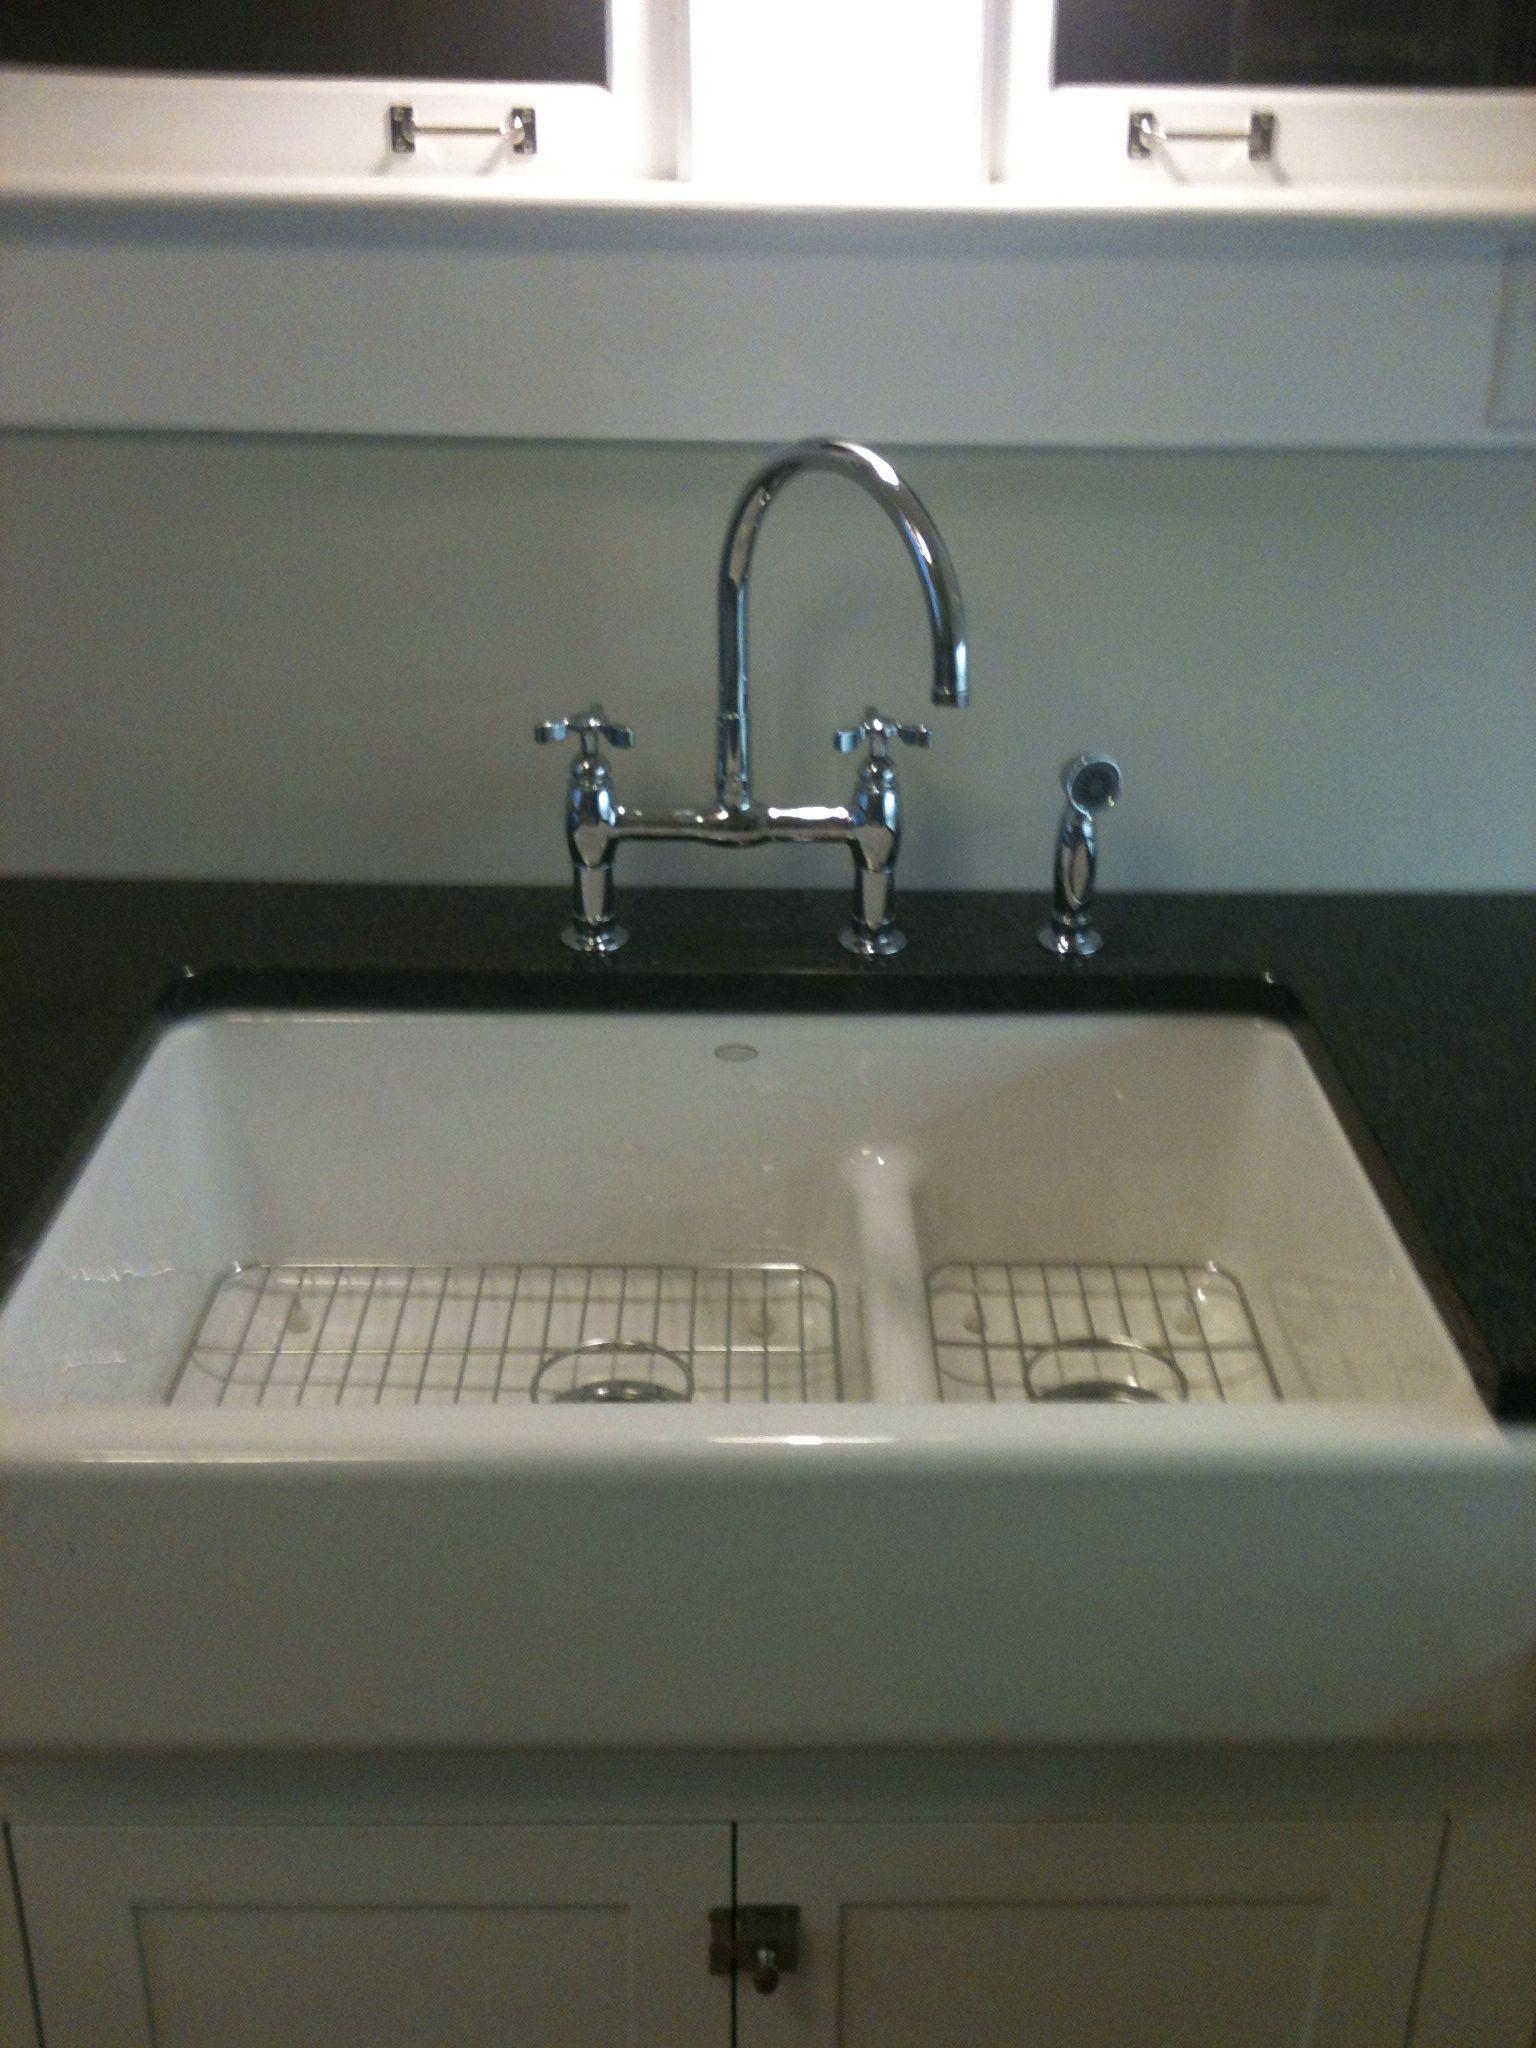 Kohler whitehaven apron sink - Kohler 36 Whitehaven 60 40 Smart Divide Tall Apron Sink And Kohler Parq Bridge